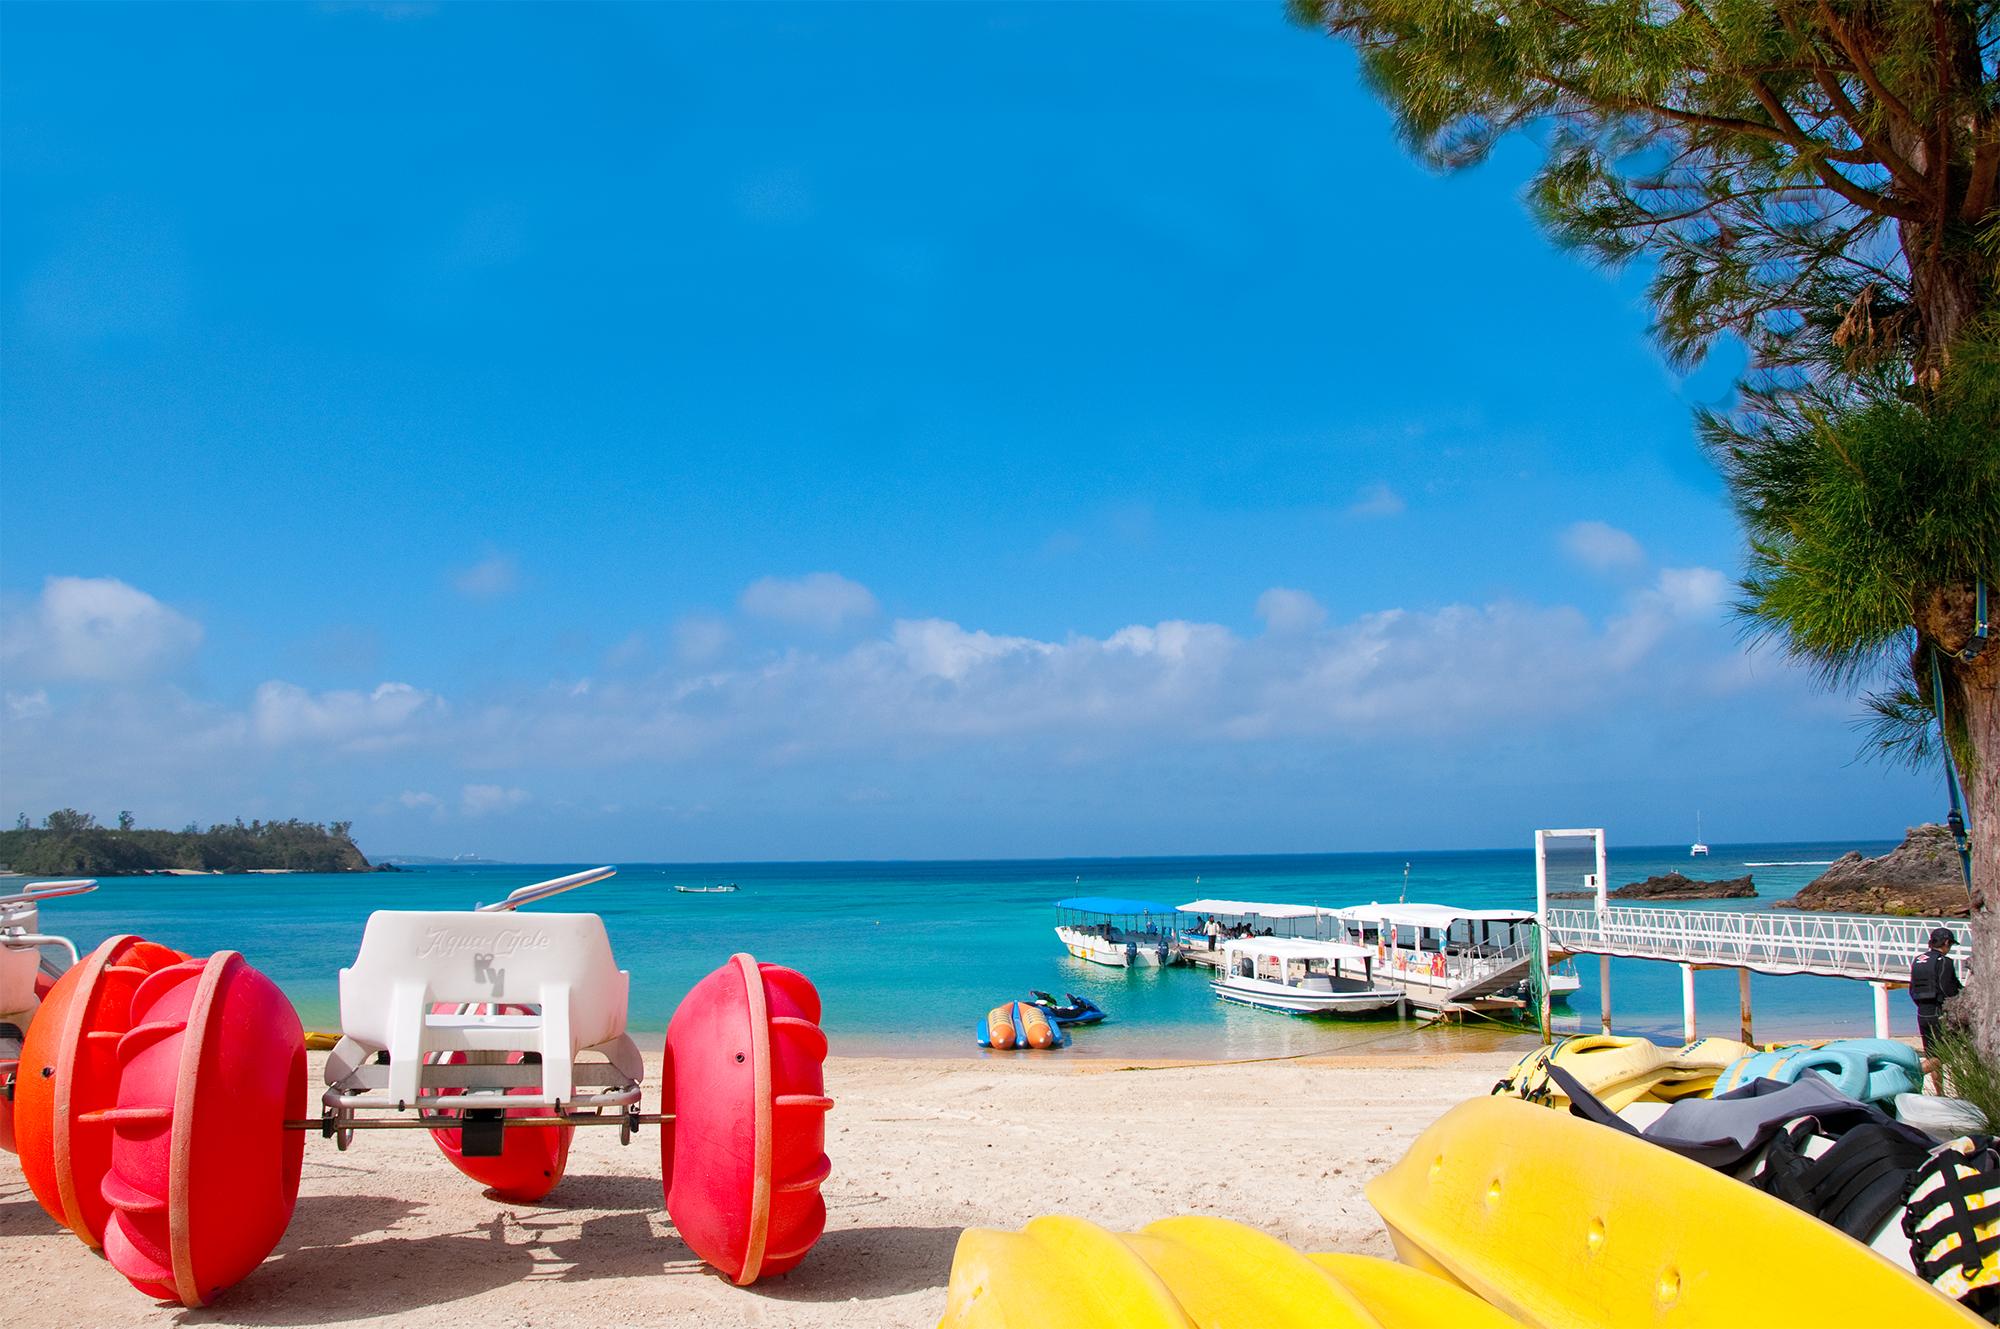 豊富なビーチメニューと施設をご用意しております。かりゆしビーチを心行くまでお楽しみ下さい